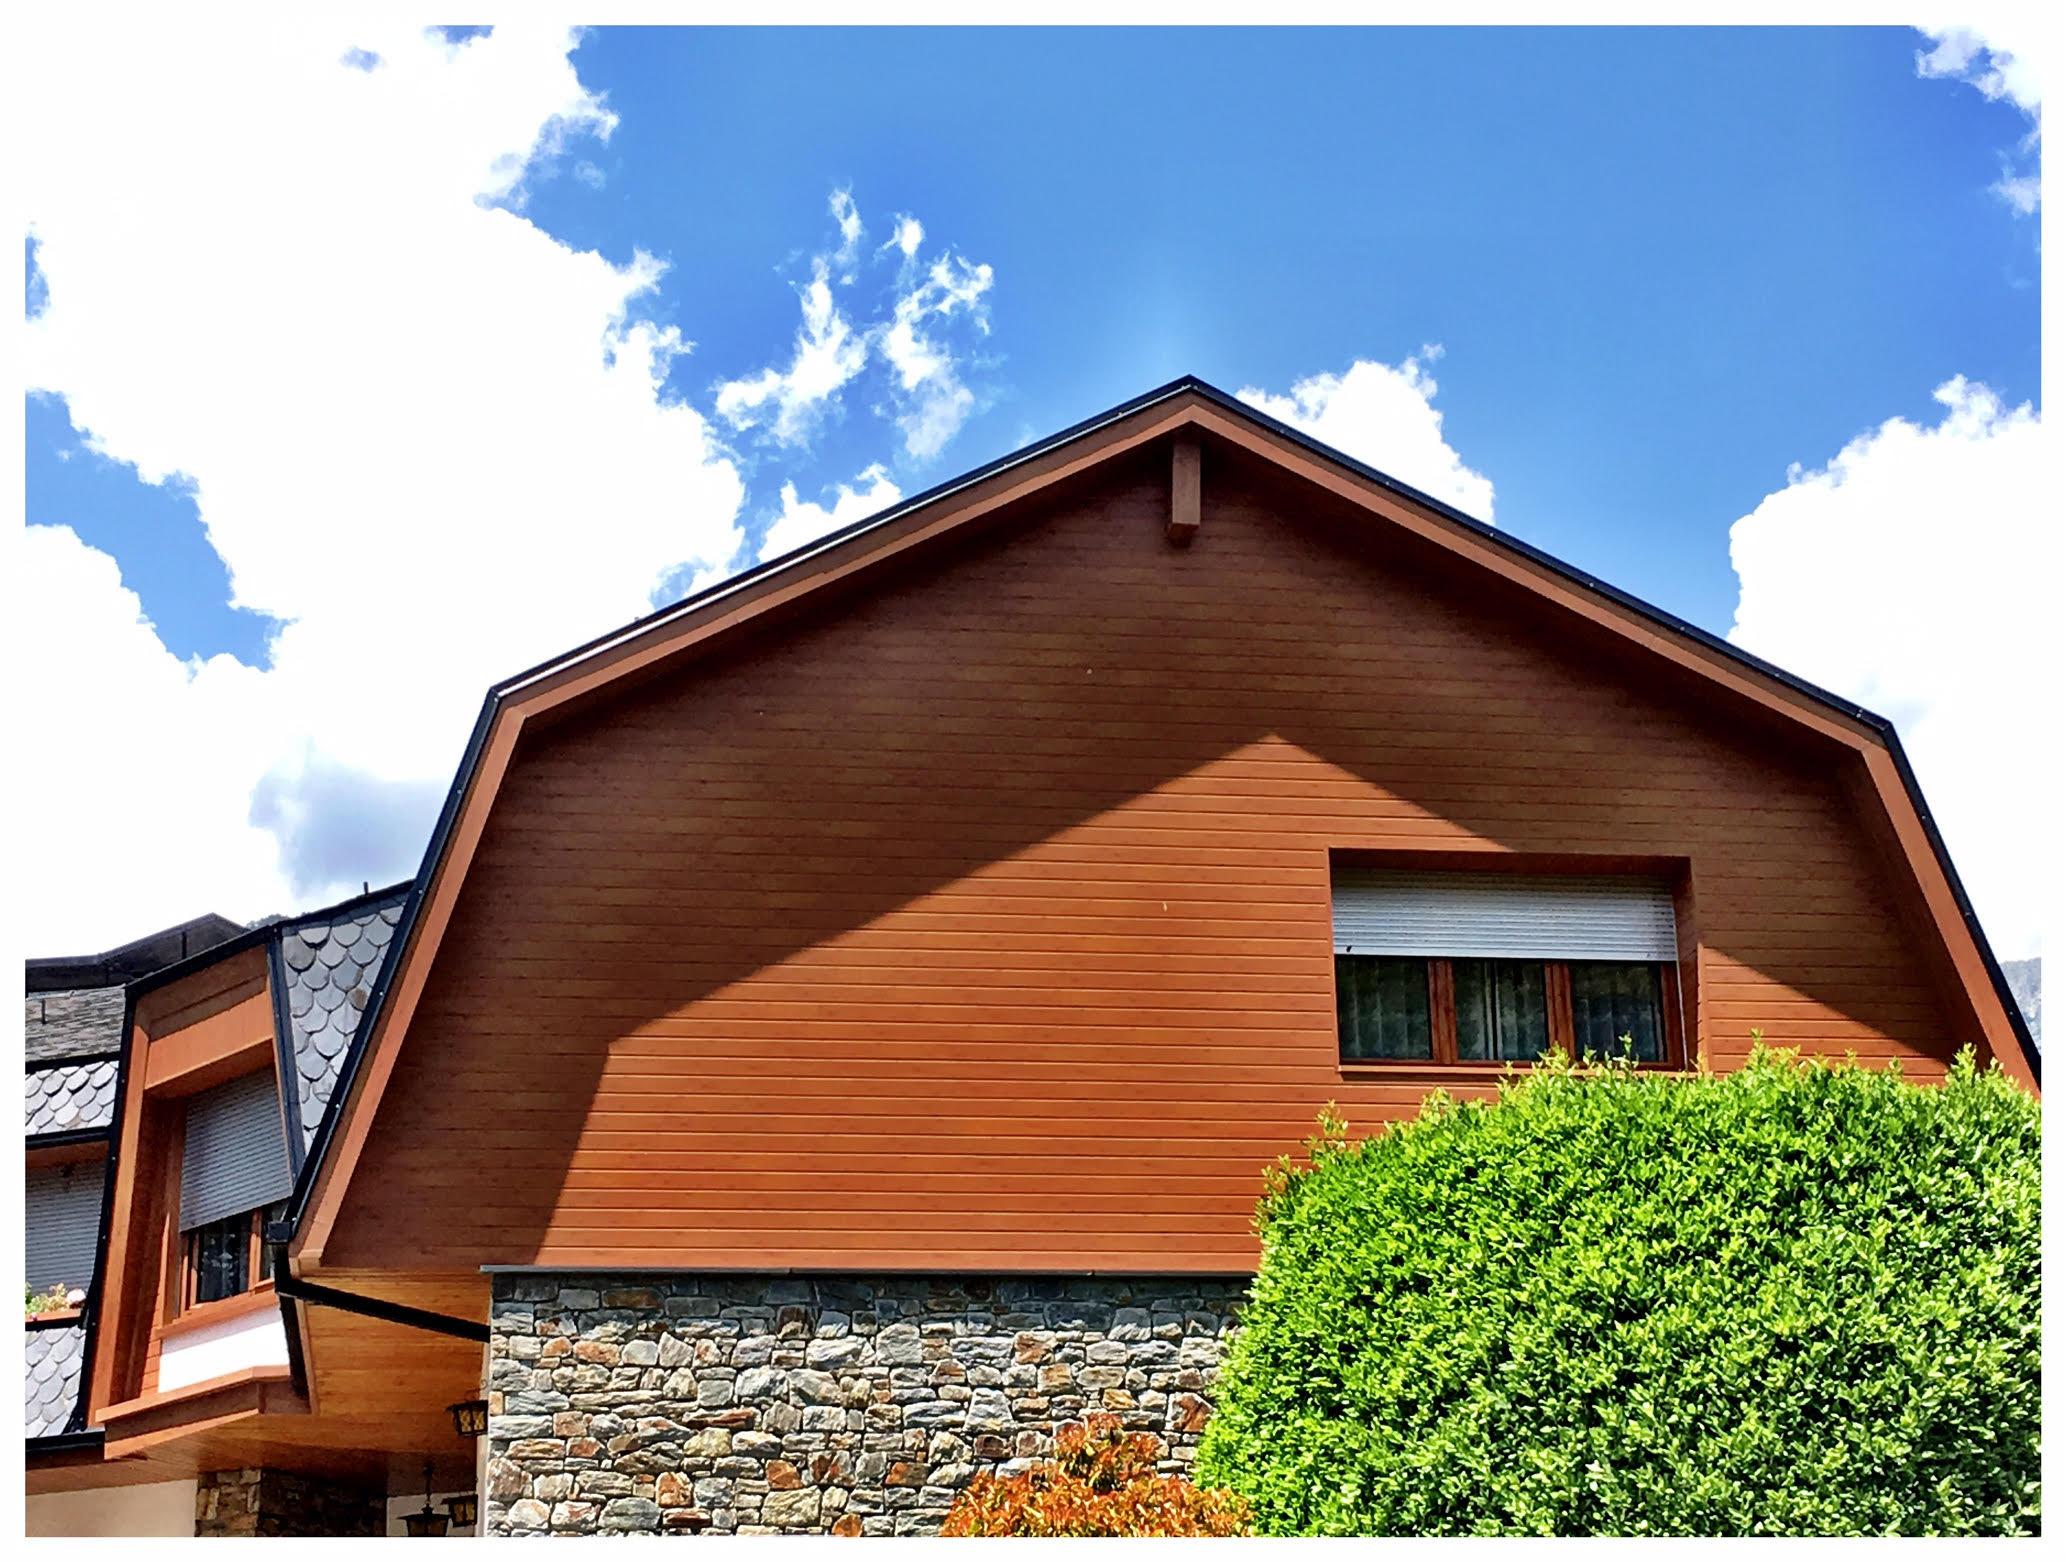 Finestres amb pont tèrmic Finestres d'alumini més fusta Finestres de PVC El nostre producte principal en fusteria d'alumini són les finestres d'alumini. Les finestres són una part essencial de qualsevol casa i és per tant molt important escollir correctament el tipus de finestra que millor s'adequa a les nostres necessitats. En els últims anys, les finestres d'alumini en particular, han guanyat terreny a les obertures de fusta, i és que les possibilitats són no només infinites, sinó que ofereixen més i millors opcions que les obertures tradicionals. Emmotllables a qualsevol zona geogràfica, disponibles en diversos colors i textures, segures i pràctiques, cada vegada són més les persones que les trien a l'hora de construir. Les finestres d'alumini, depenent de la qualitat, model i tipus de vidre i l'alumini aconsegueixen un major o menor aïllament, és a dir que quan són triades d'acord a les necessitats de cada espai permeten conservar millor la calor a l'hivern i el fred en l'estiu, la qual cosa es tradueix en un important estalvi d'energia.   FINESTRA D'ALUMINI CORREDERA: finestra de fulles mòbils, lliscants mitjançant rodaments. Ofereixen un estalvi d'espai en la seva obertura i més accessibilitat de pas depenent del nombre de fulles col·locades. Actualment les finestres corredisses han millorat molt la seva estanquitat, ja que s'han incorporat més robustesa a la seva estructura, a més d'accessoris com la pelfa amb firso, que ajuda a escanyar considerablement el pas d'aire en comparació amb les pelfes tradicionals. En poder disposar de sèries com la S-76, la qual permet una capacitat de vidre per sobre de la mitjana, el ventall de possibilitats és molt més gran quant eficiència, podent incorporar vidres amb una càmera molt més gran o major espessor de vidre, aconseguint millorar notablement les seves prestacions. La corredissa estàndard es compon de dos carrils, però, es poden acoblar més carrils fins aconseguir el nombre de carrils desitjats, aconseguint així una